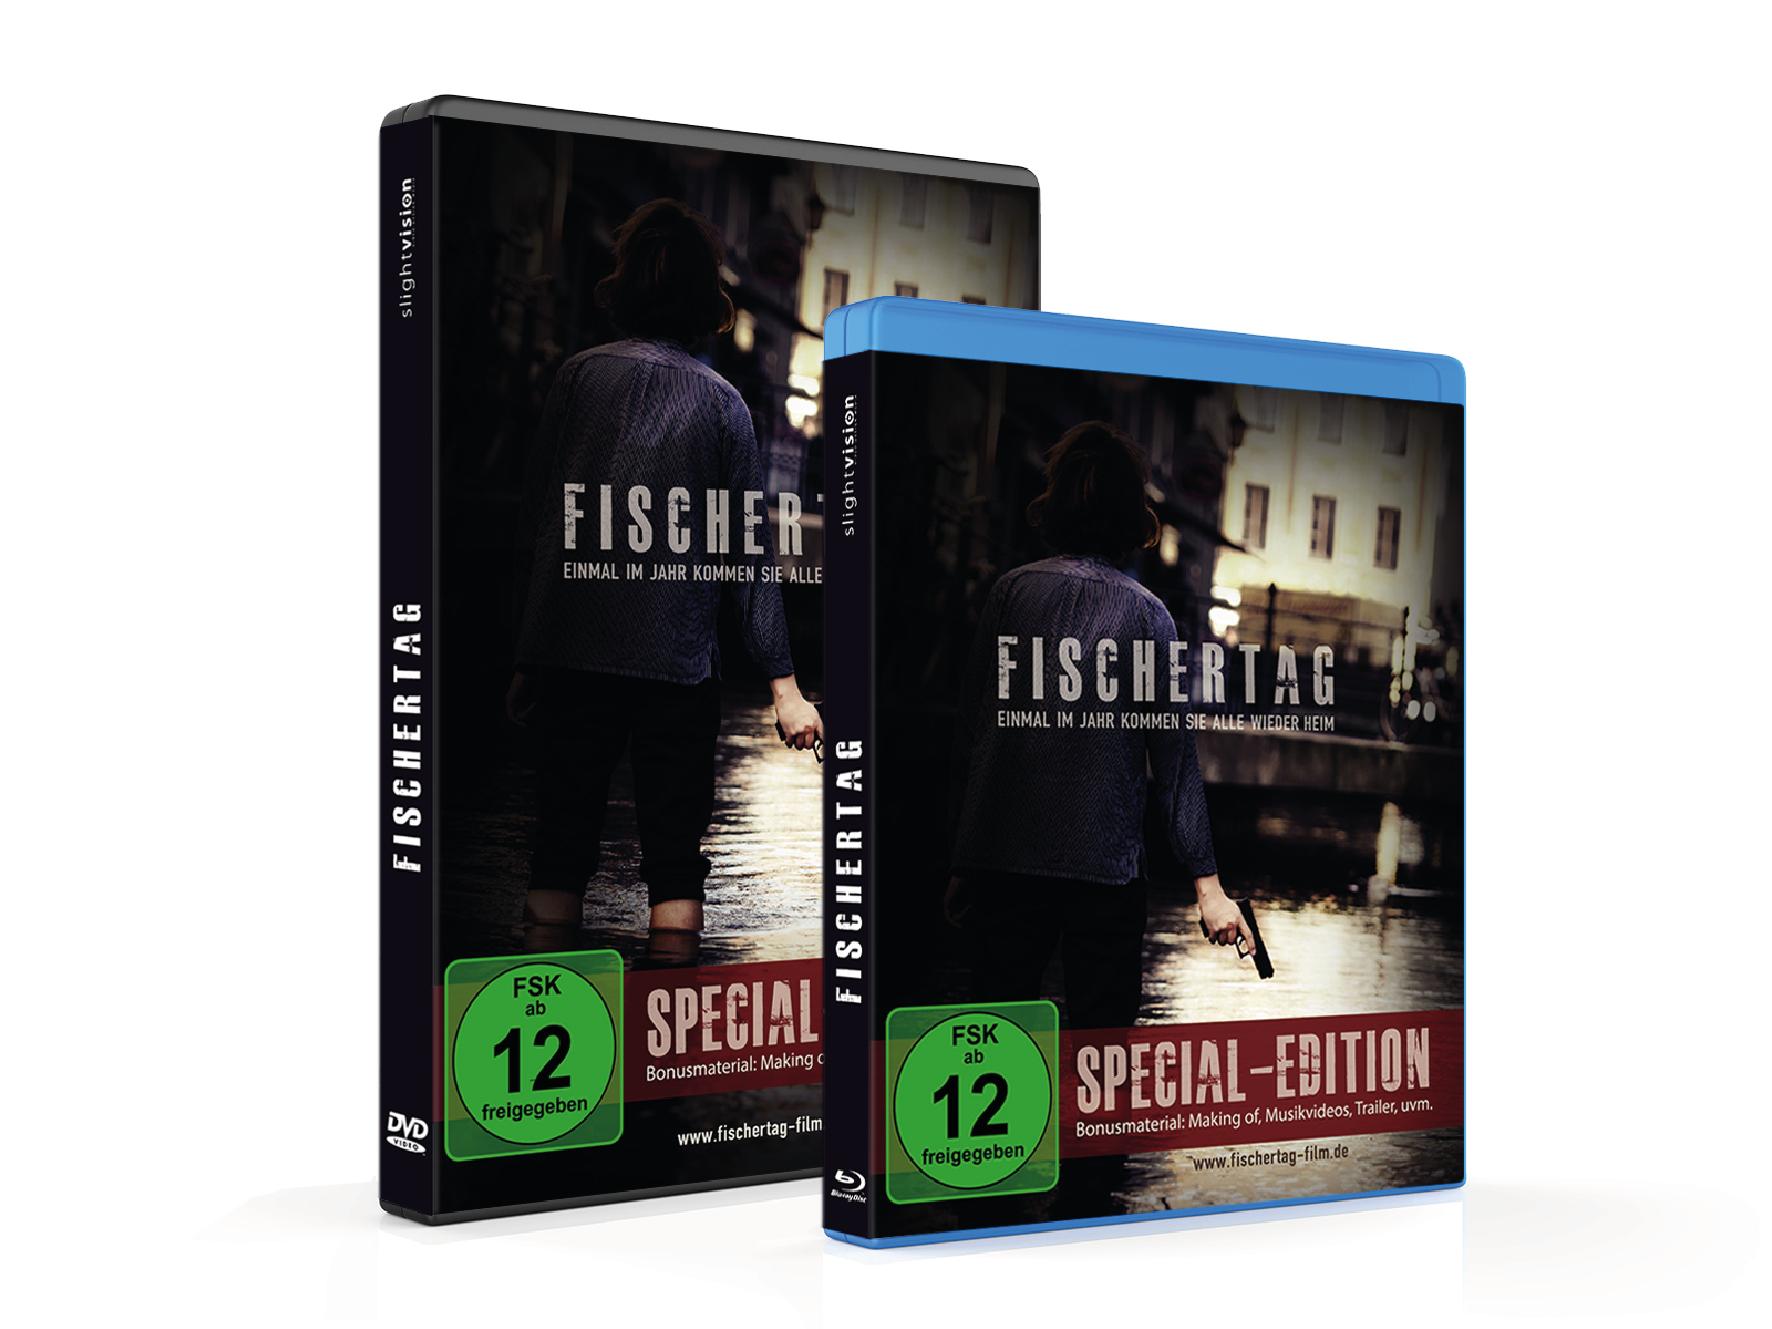 Fischertag Film - Special Edition auf BluRay und DVD